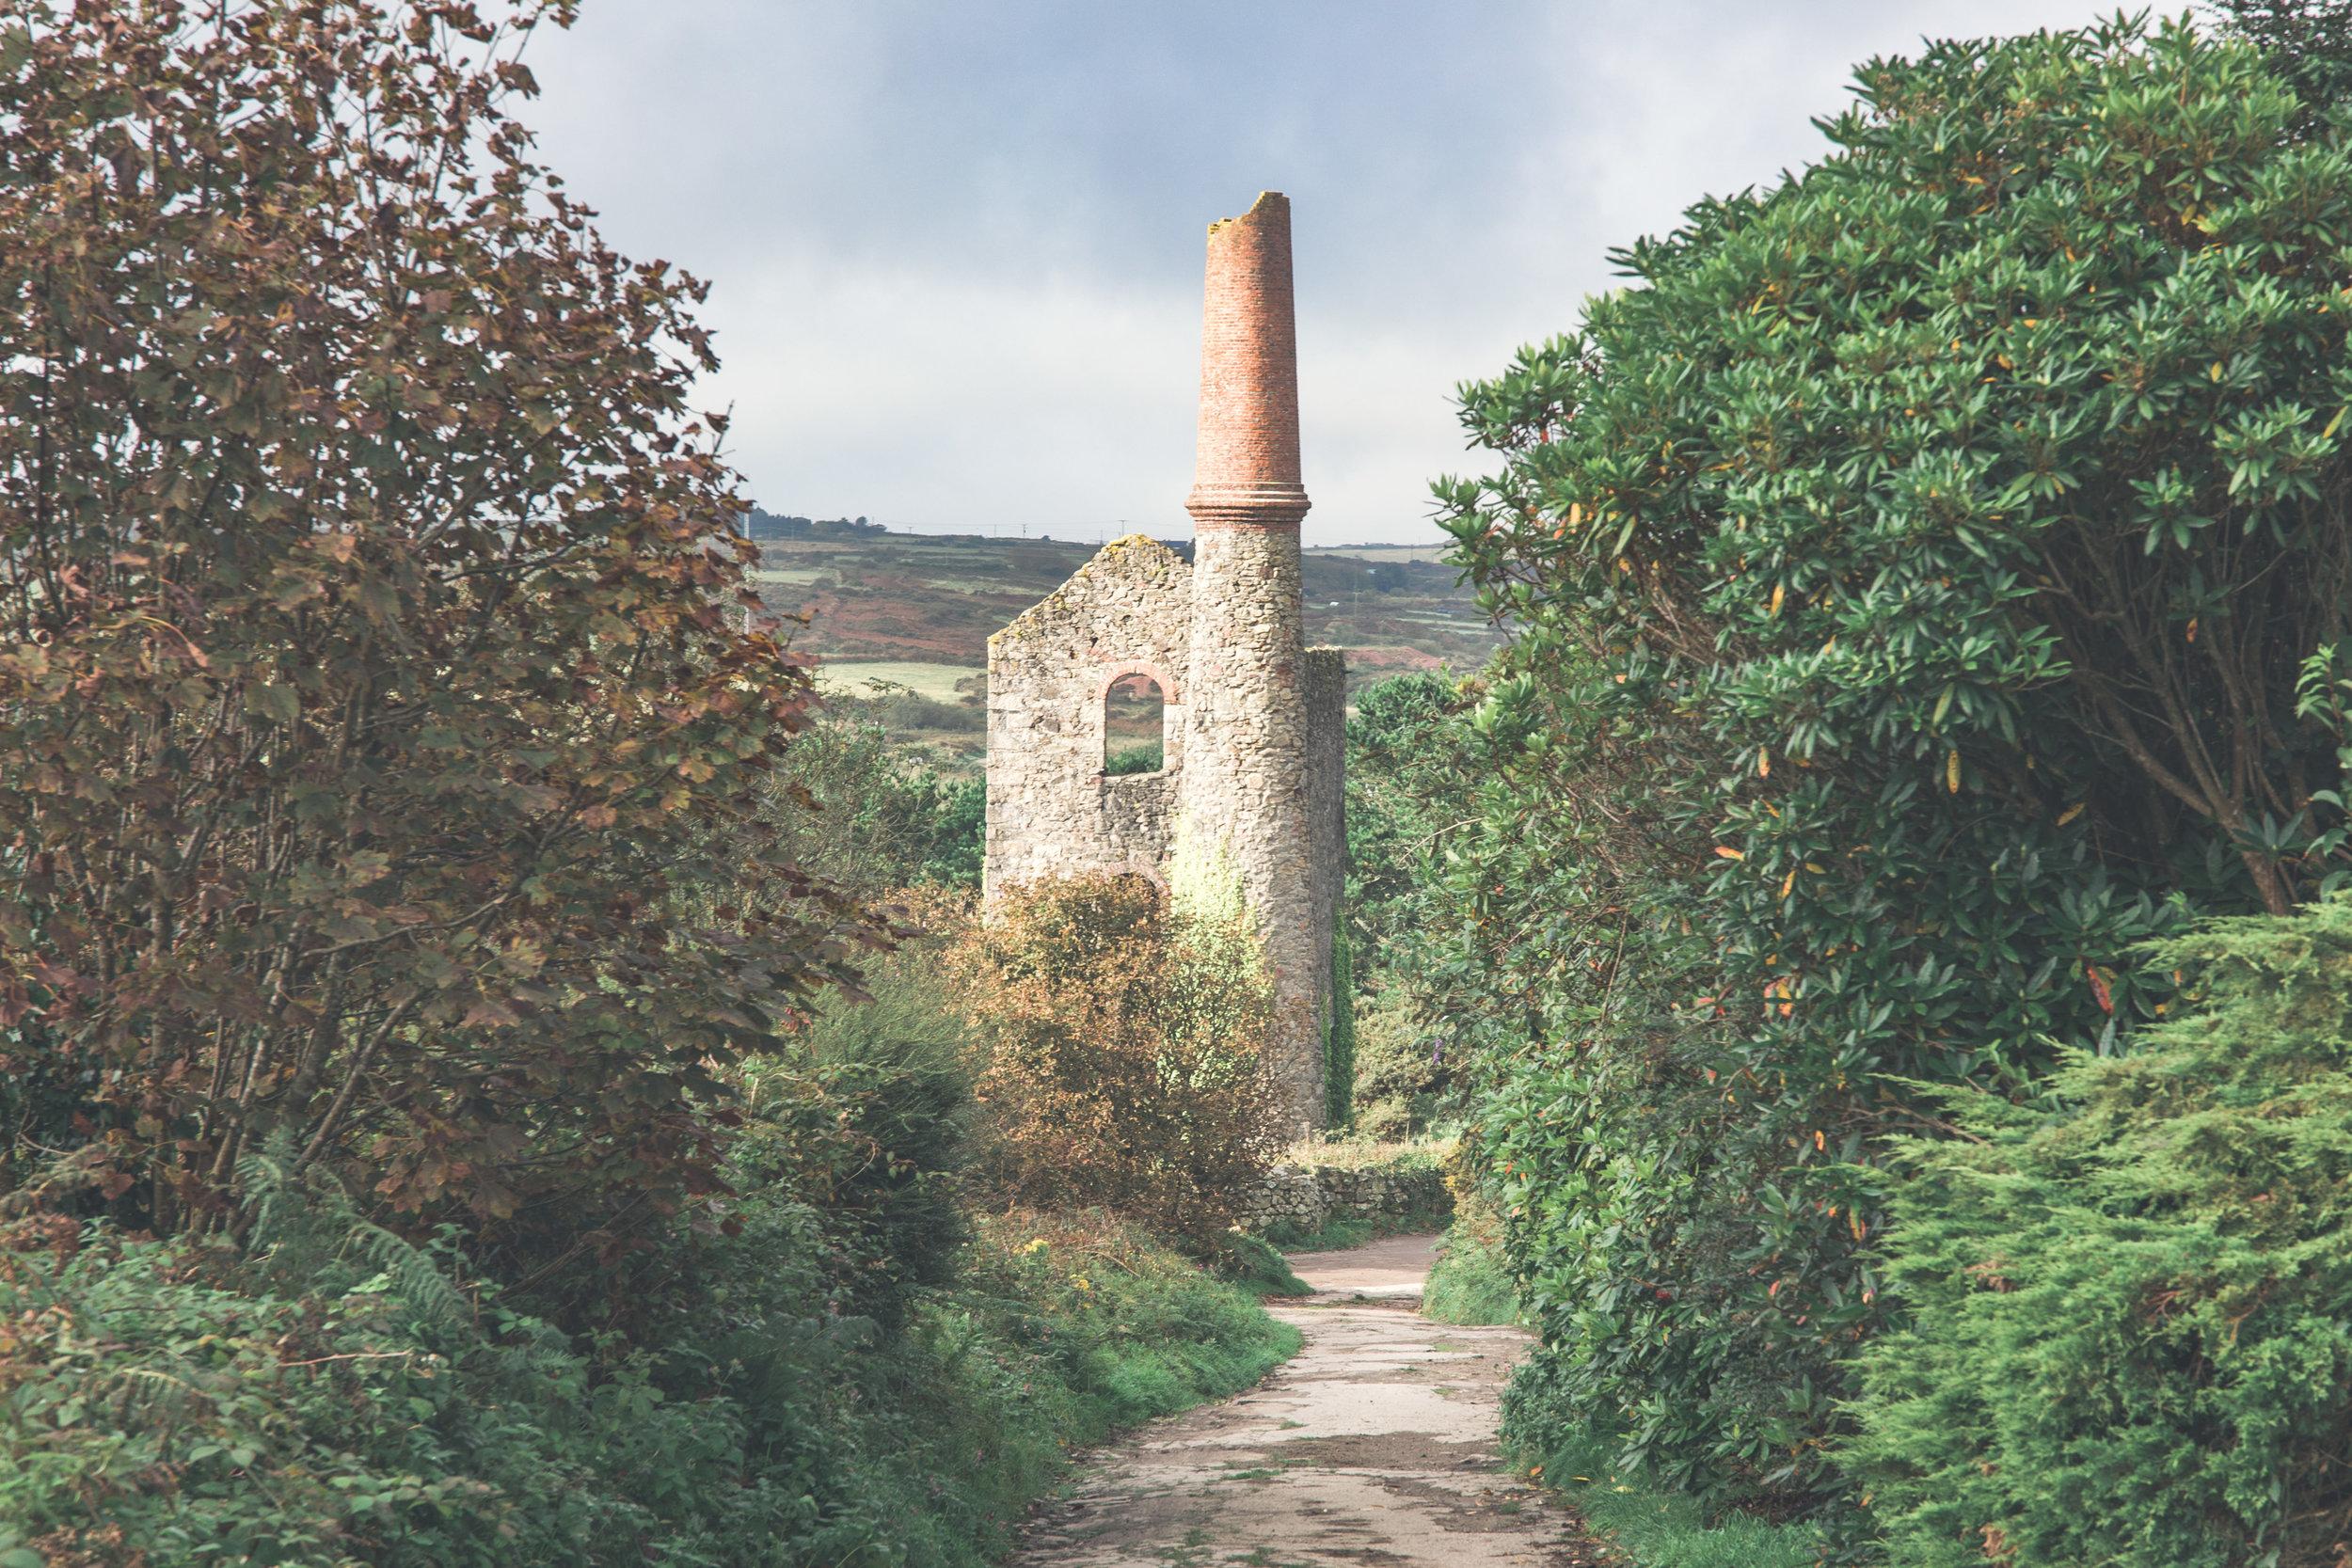 Tin Mine in Carnmarth, Cornwall